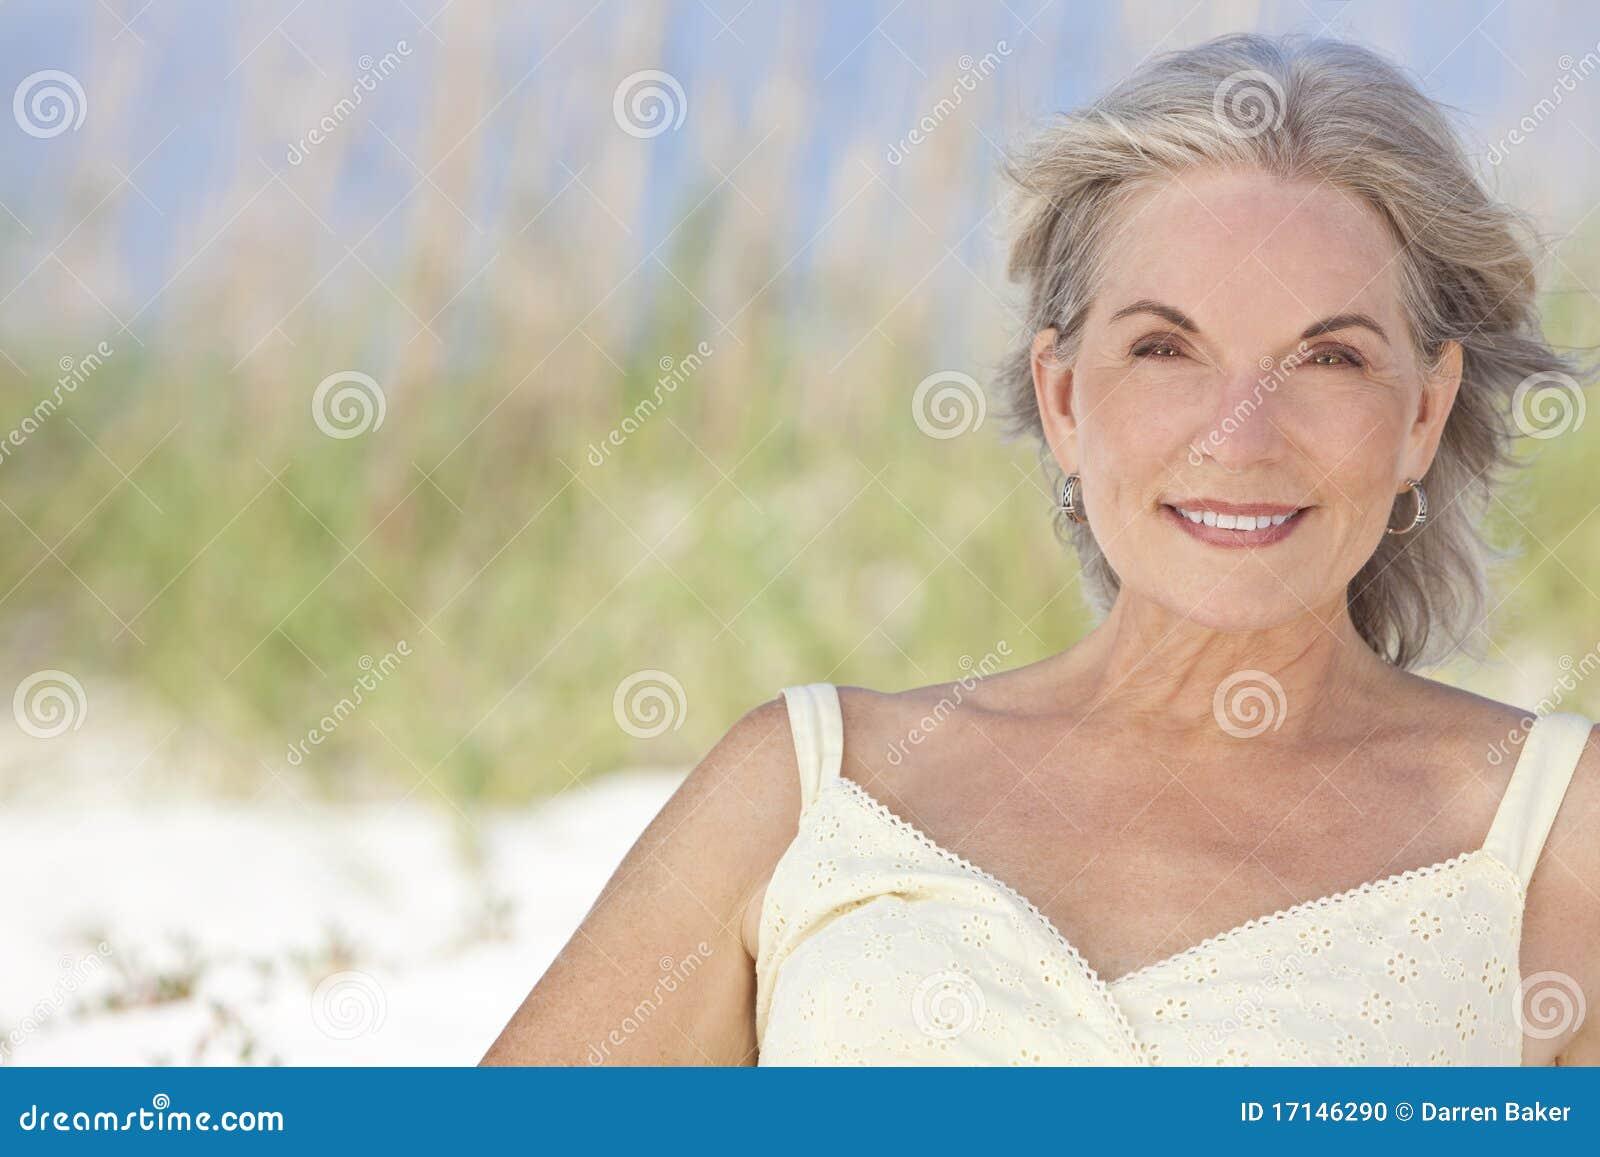 Ältere frauen attraktive Umfrage: Ab